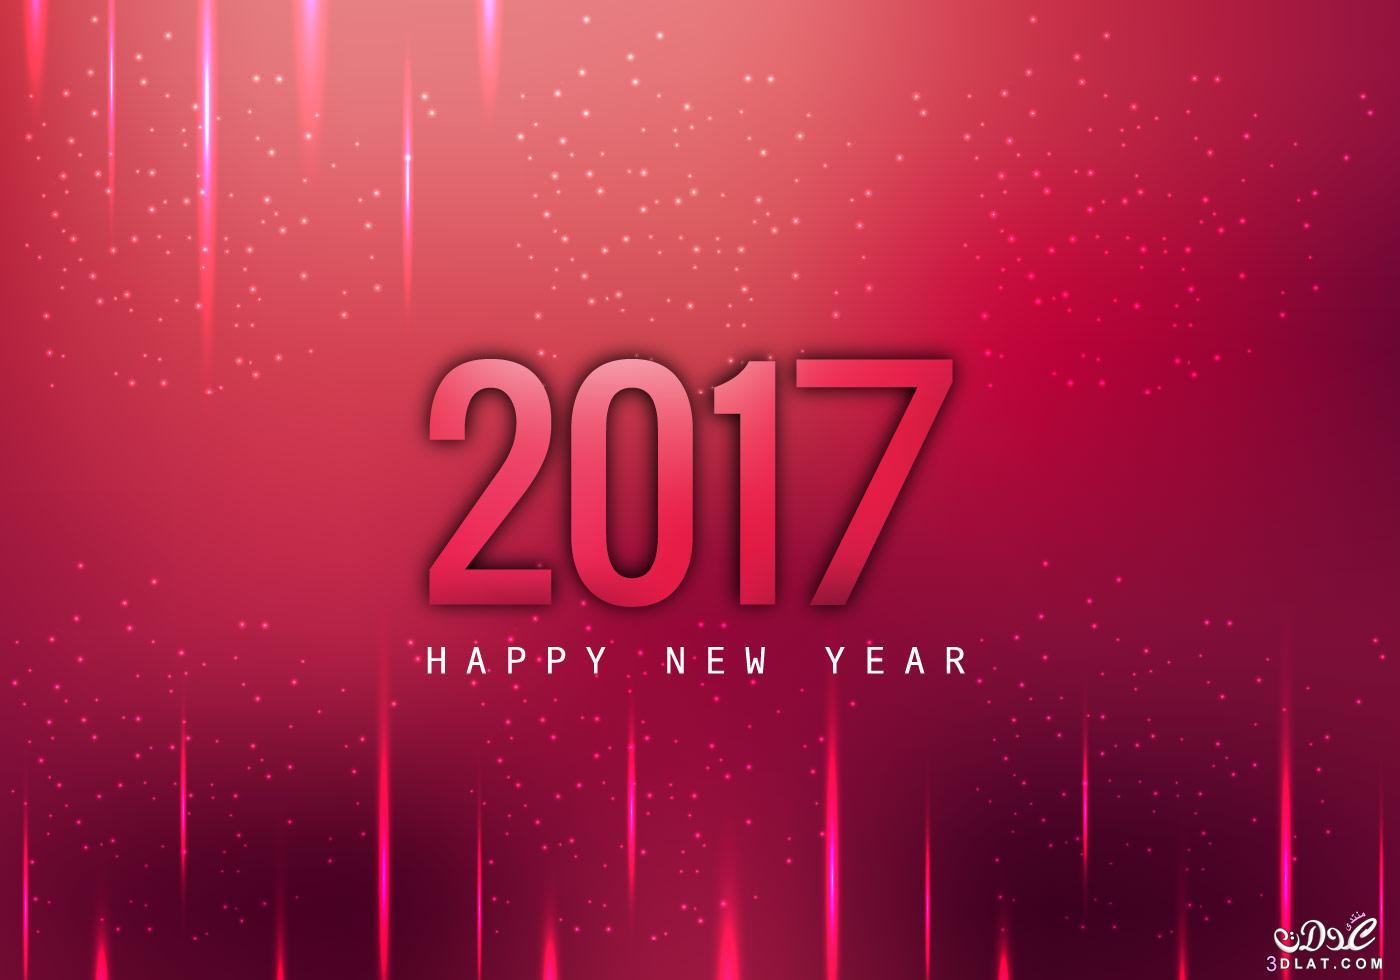 خلفيات جديدة لراس السنة الميلادية 2017 , اروع الخلفيات للعام الجديد , احدث الرمزيات للعام 2017 new_1479739244_887.j